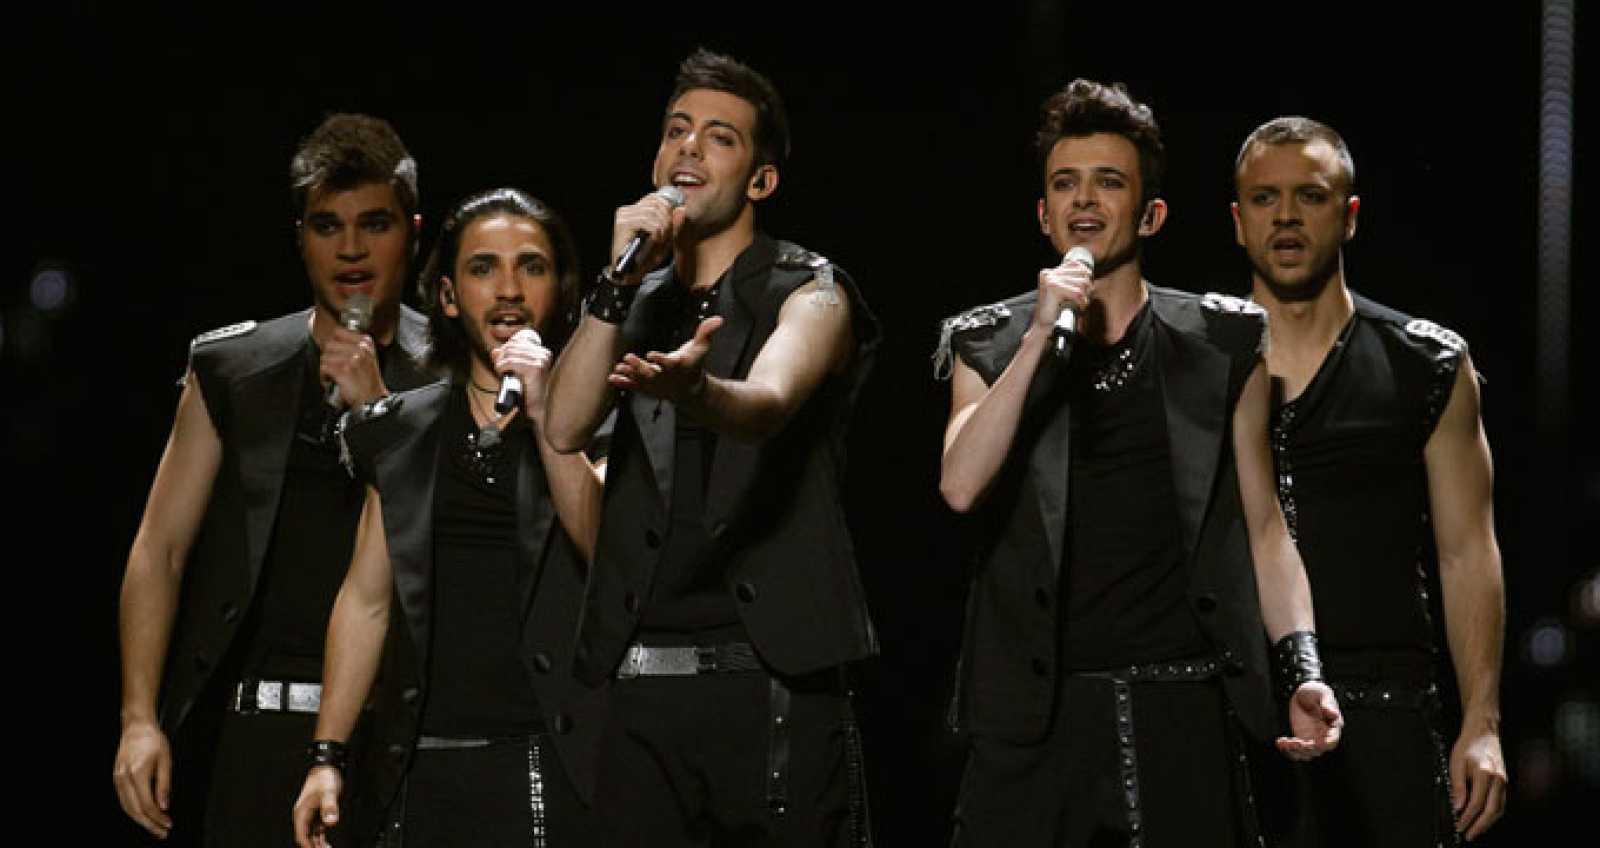 Eurovisión 2011 - 2ª semifinal -  Chipre